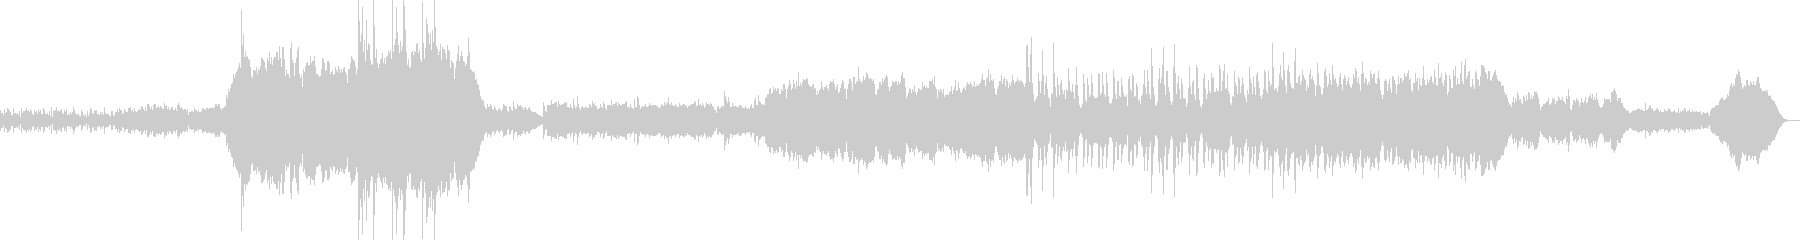 オーケストラによるRPGオープニングの未再生の波形